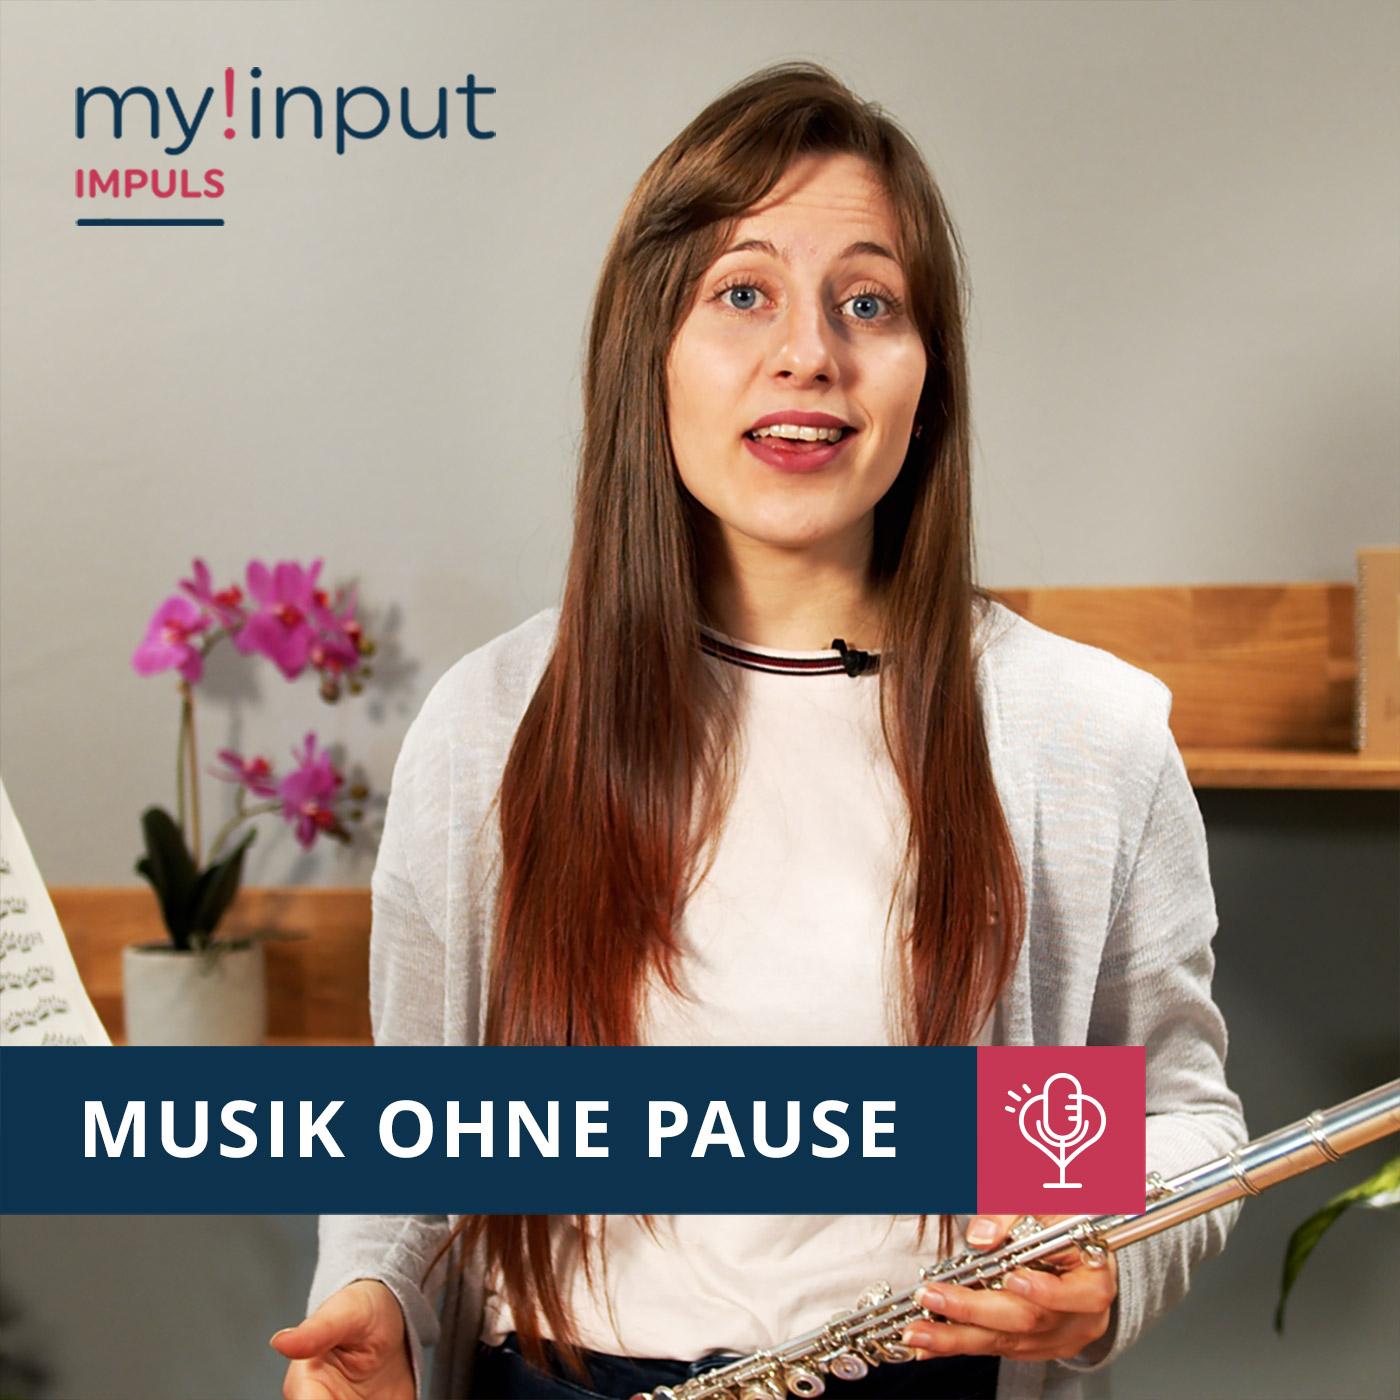 Musik ohne Pause